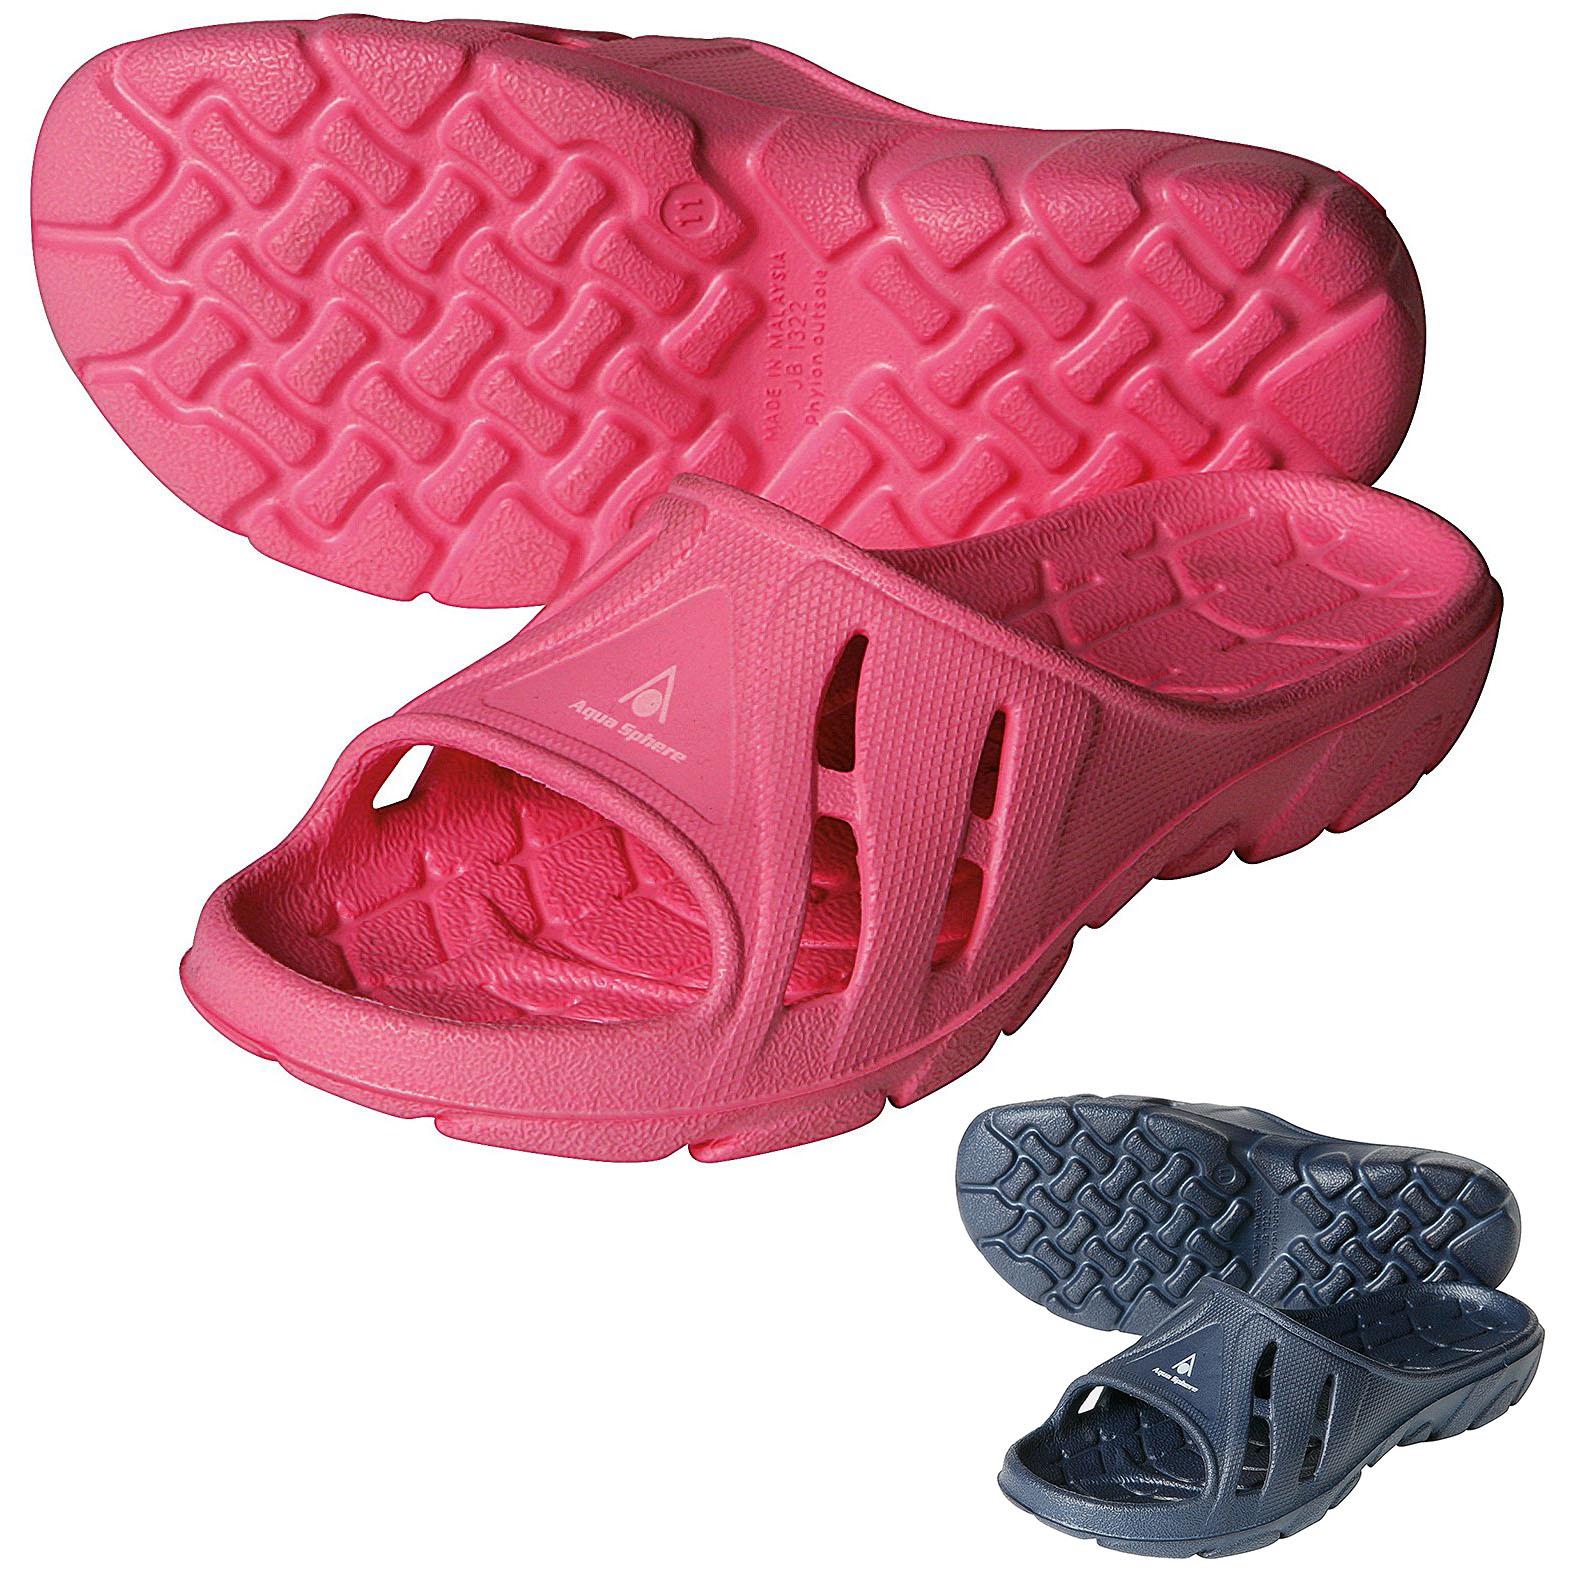 Aqua Sphere ASONE JR Slider Aqua Shoes